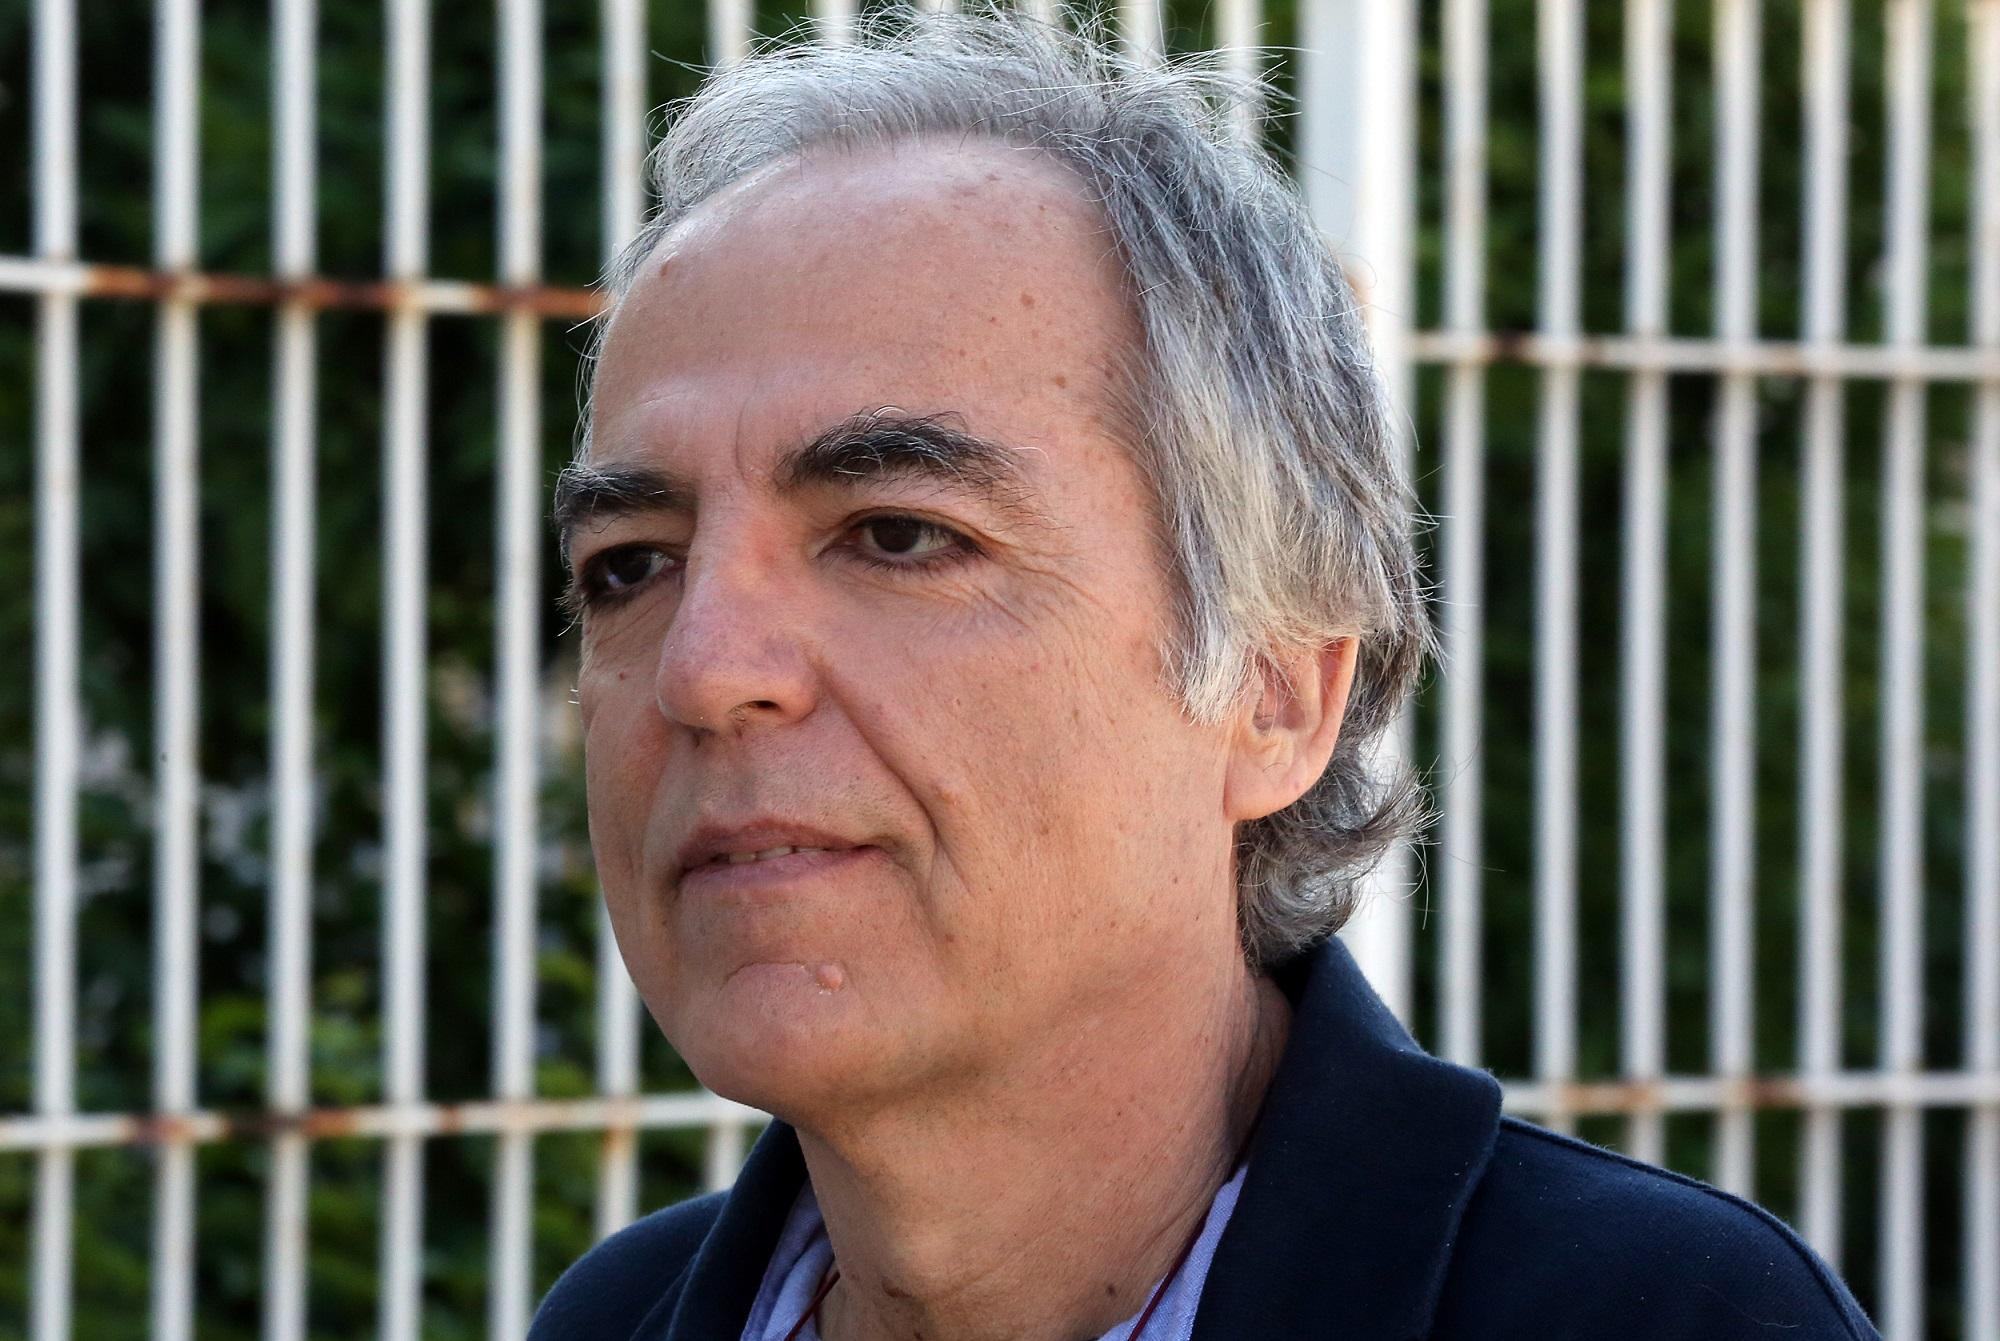 Ανακοίνωση της συνηγόρου του Δ. Κουφοντίνα για το αίτημα μεταγωγής του και την απεργία πείνας